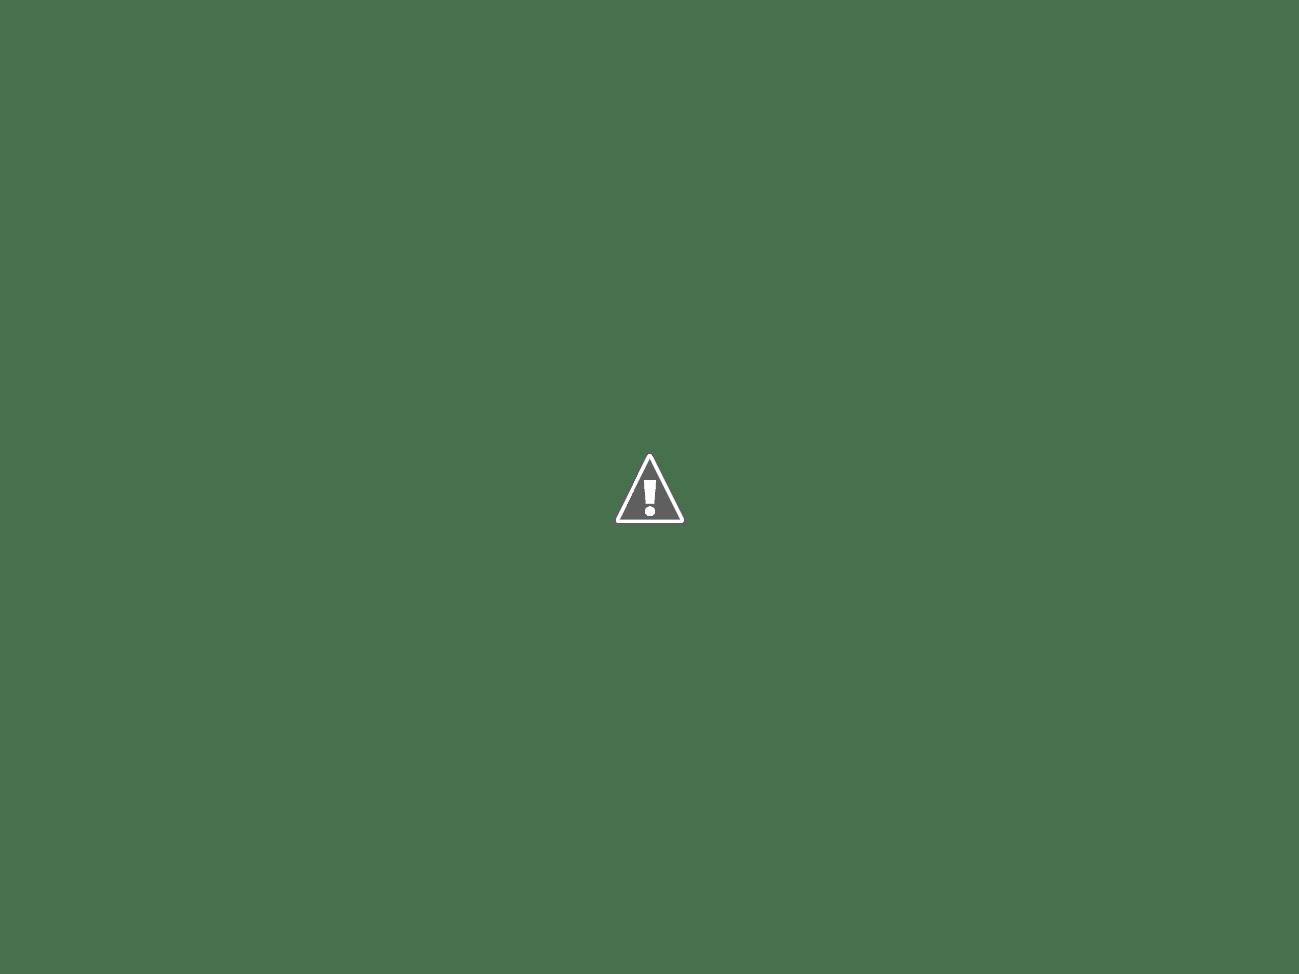 Miyake slope